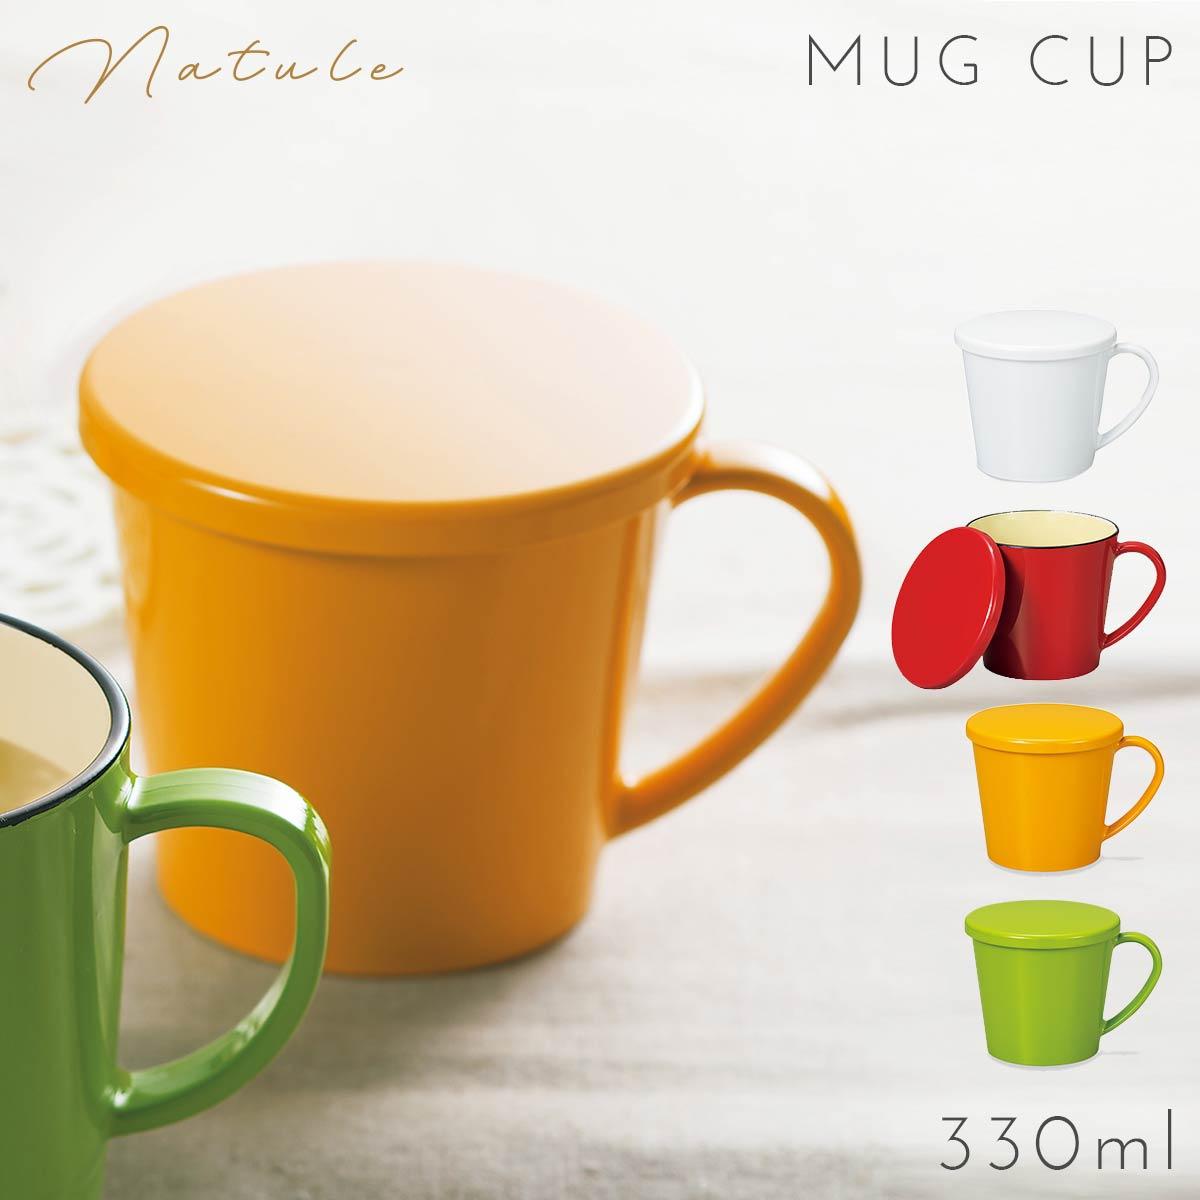 マグカップ 蓋付き 日本製 プラスチック 割れない フタ付マグカップ ナチュール アウトドア キャンプ ピクニック